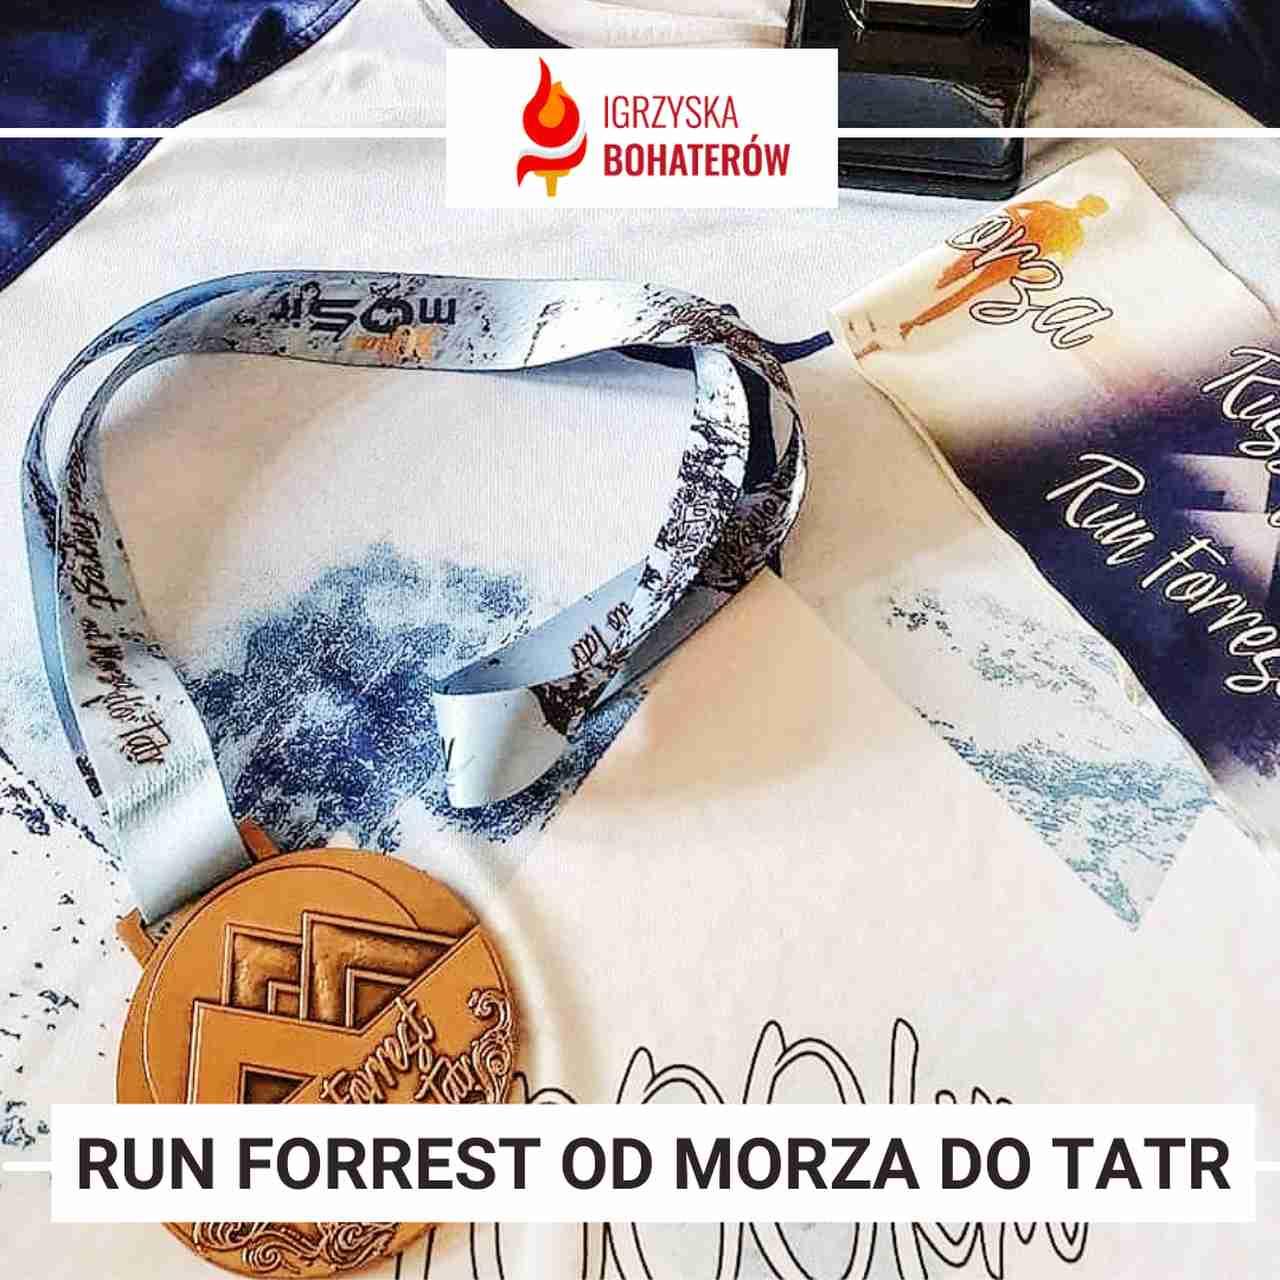 gadżety na wyzwanie biegowe run forrest od morza do tatr